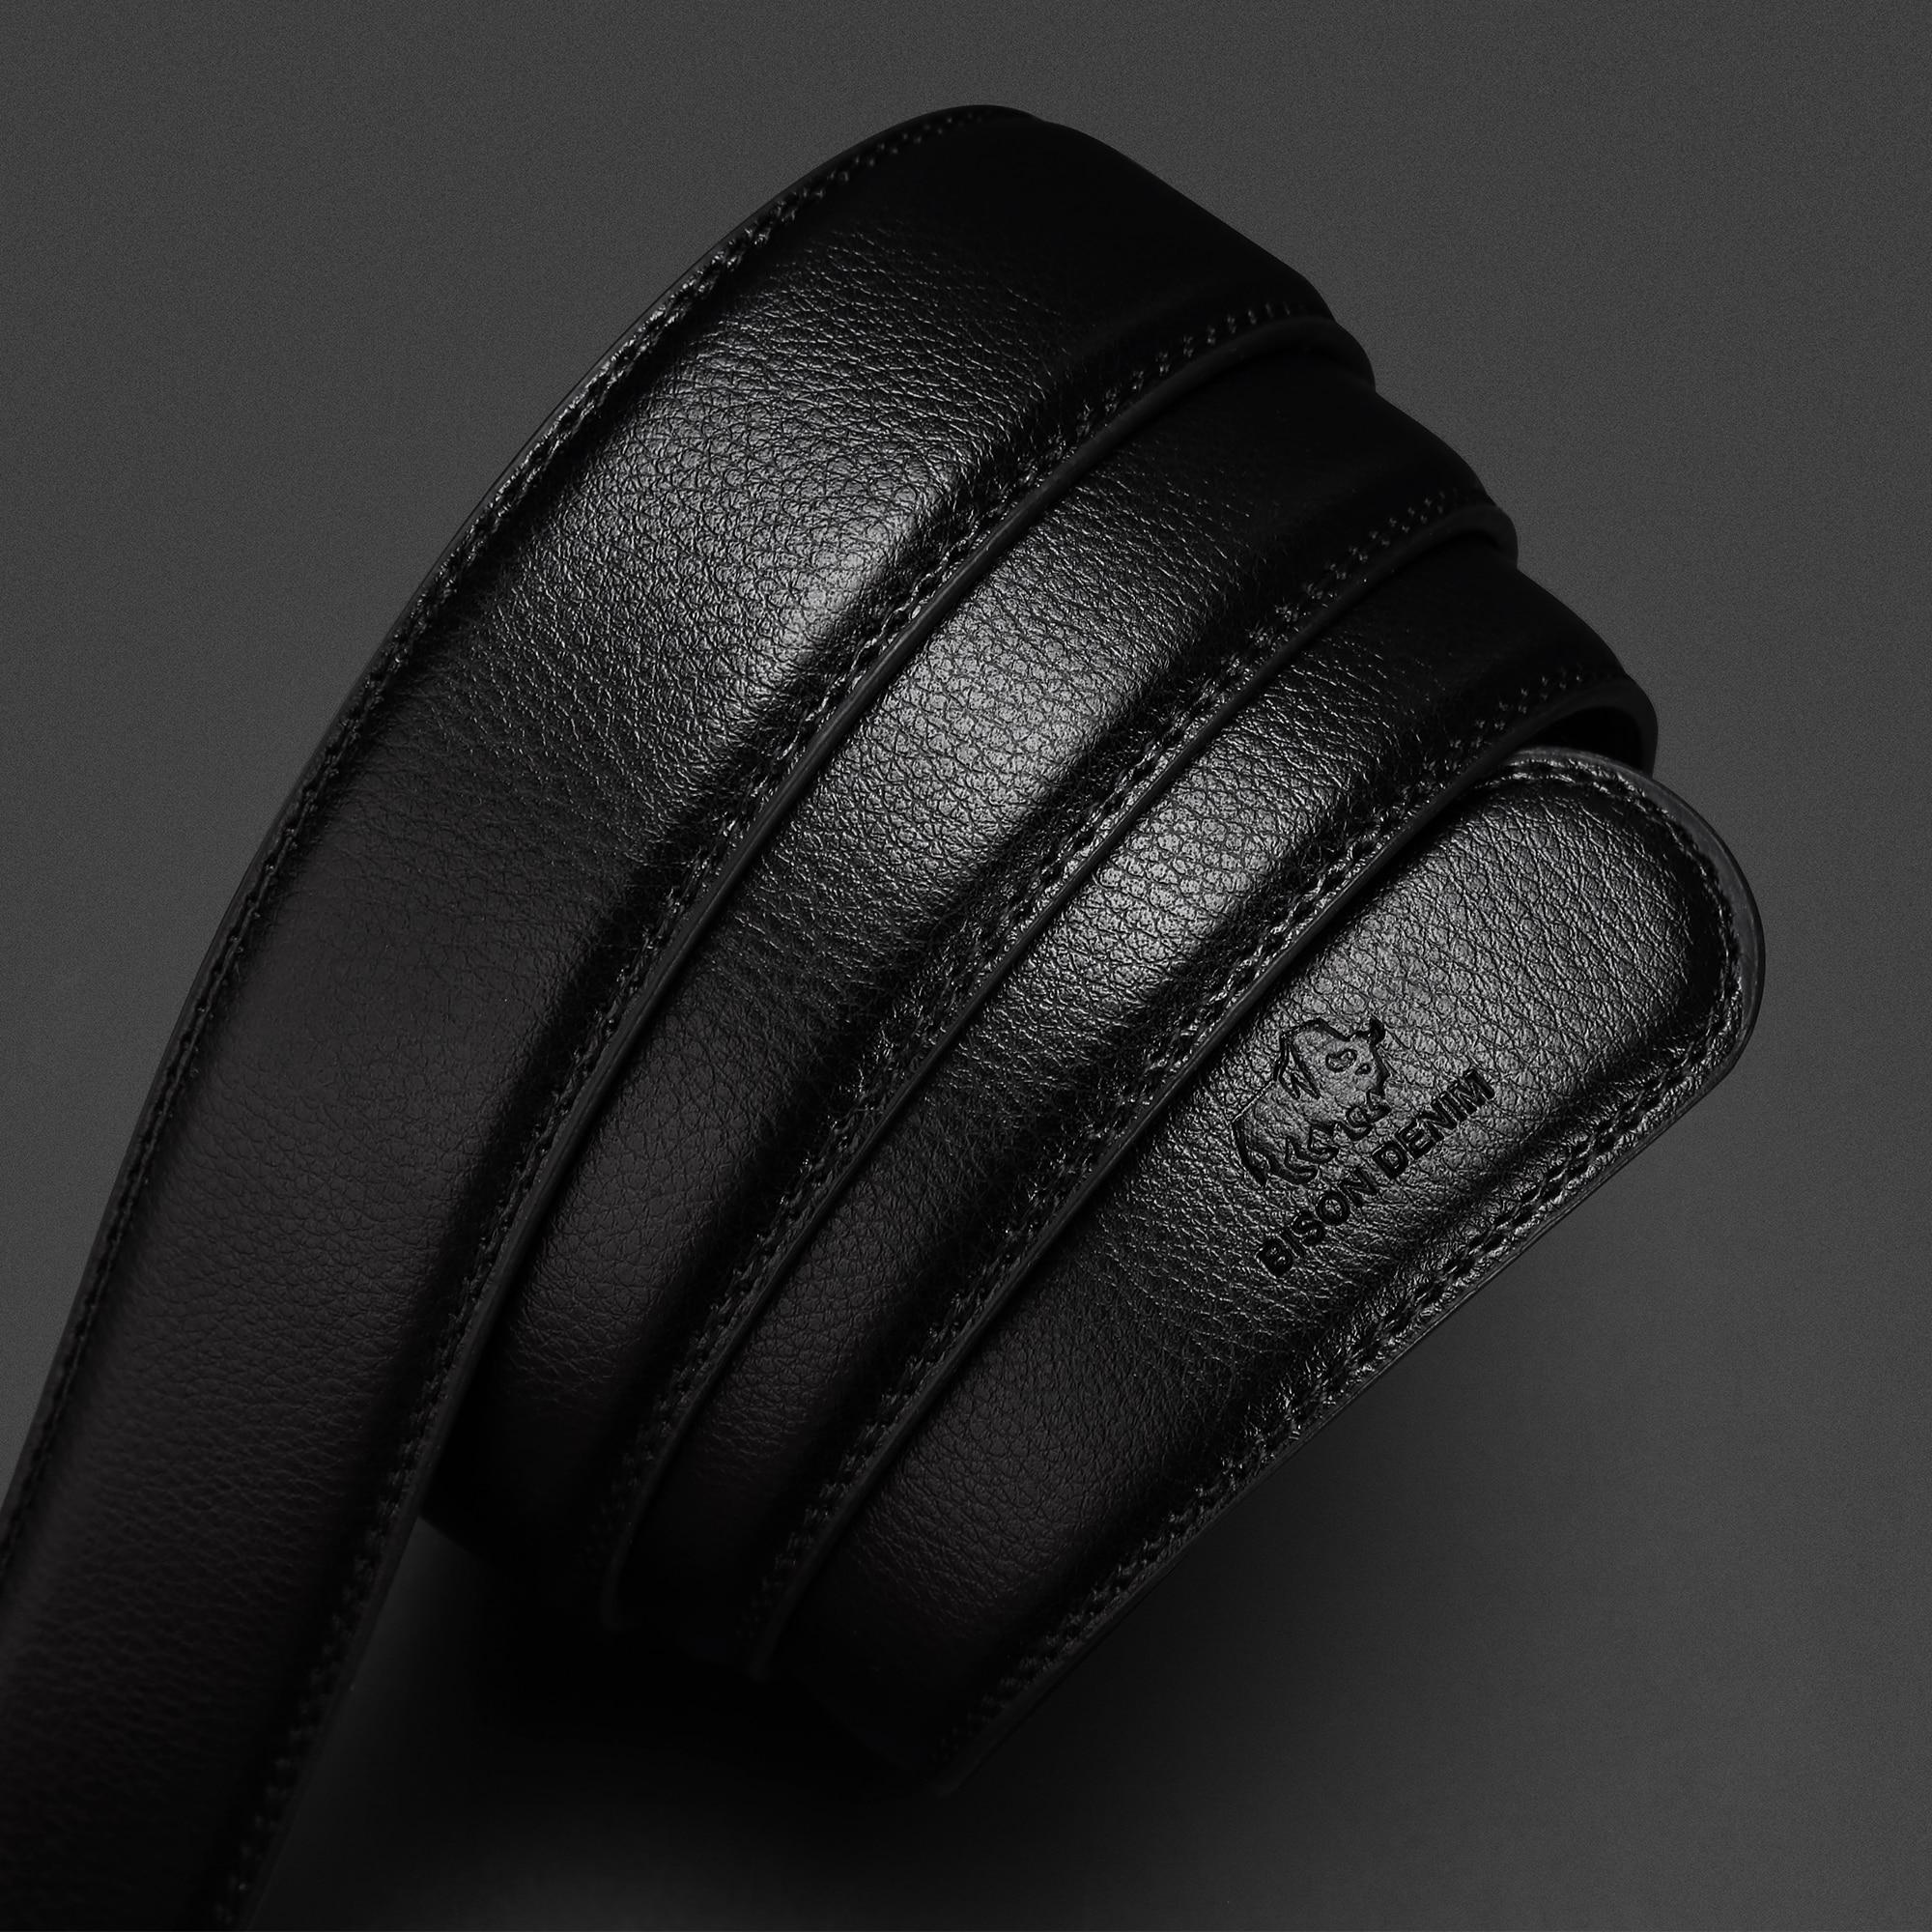 BISON DENIM Genuine Leather Automatic Men Belt Luxury Strap Belt for Men Designer Belts Men High Quality Fashion Belt N71416 4